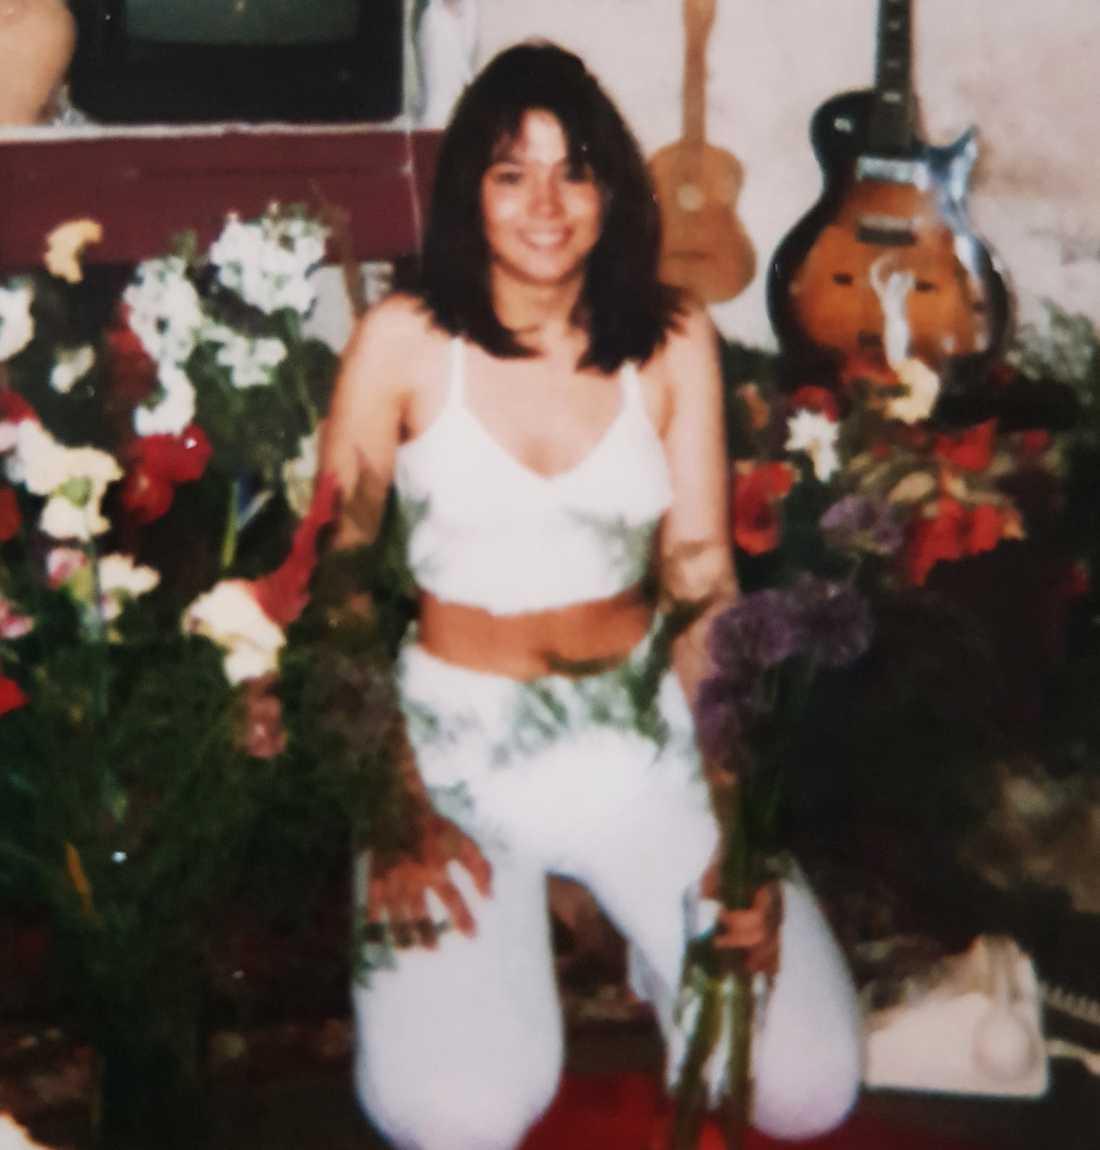 Gabriella började använda droger när hon var runt 16 år.